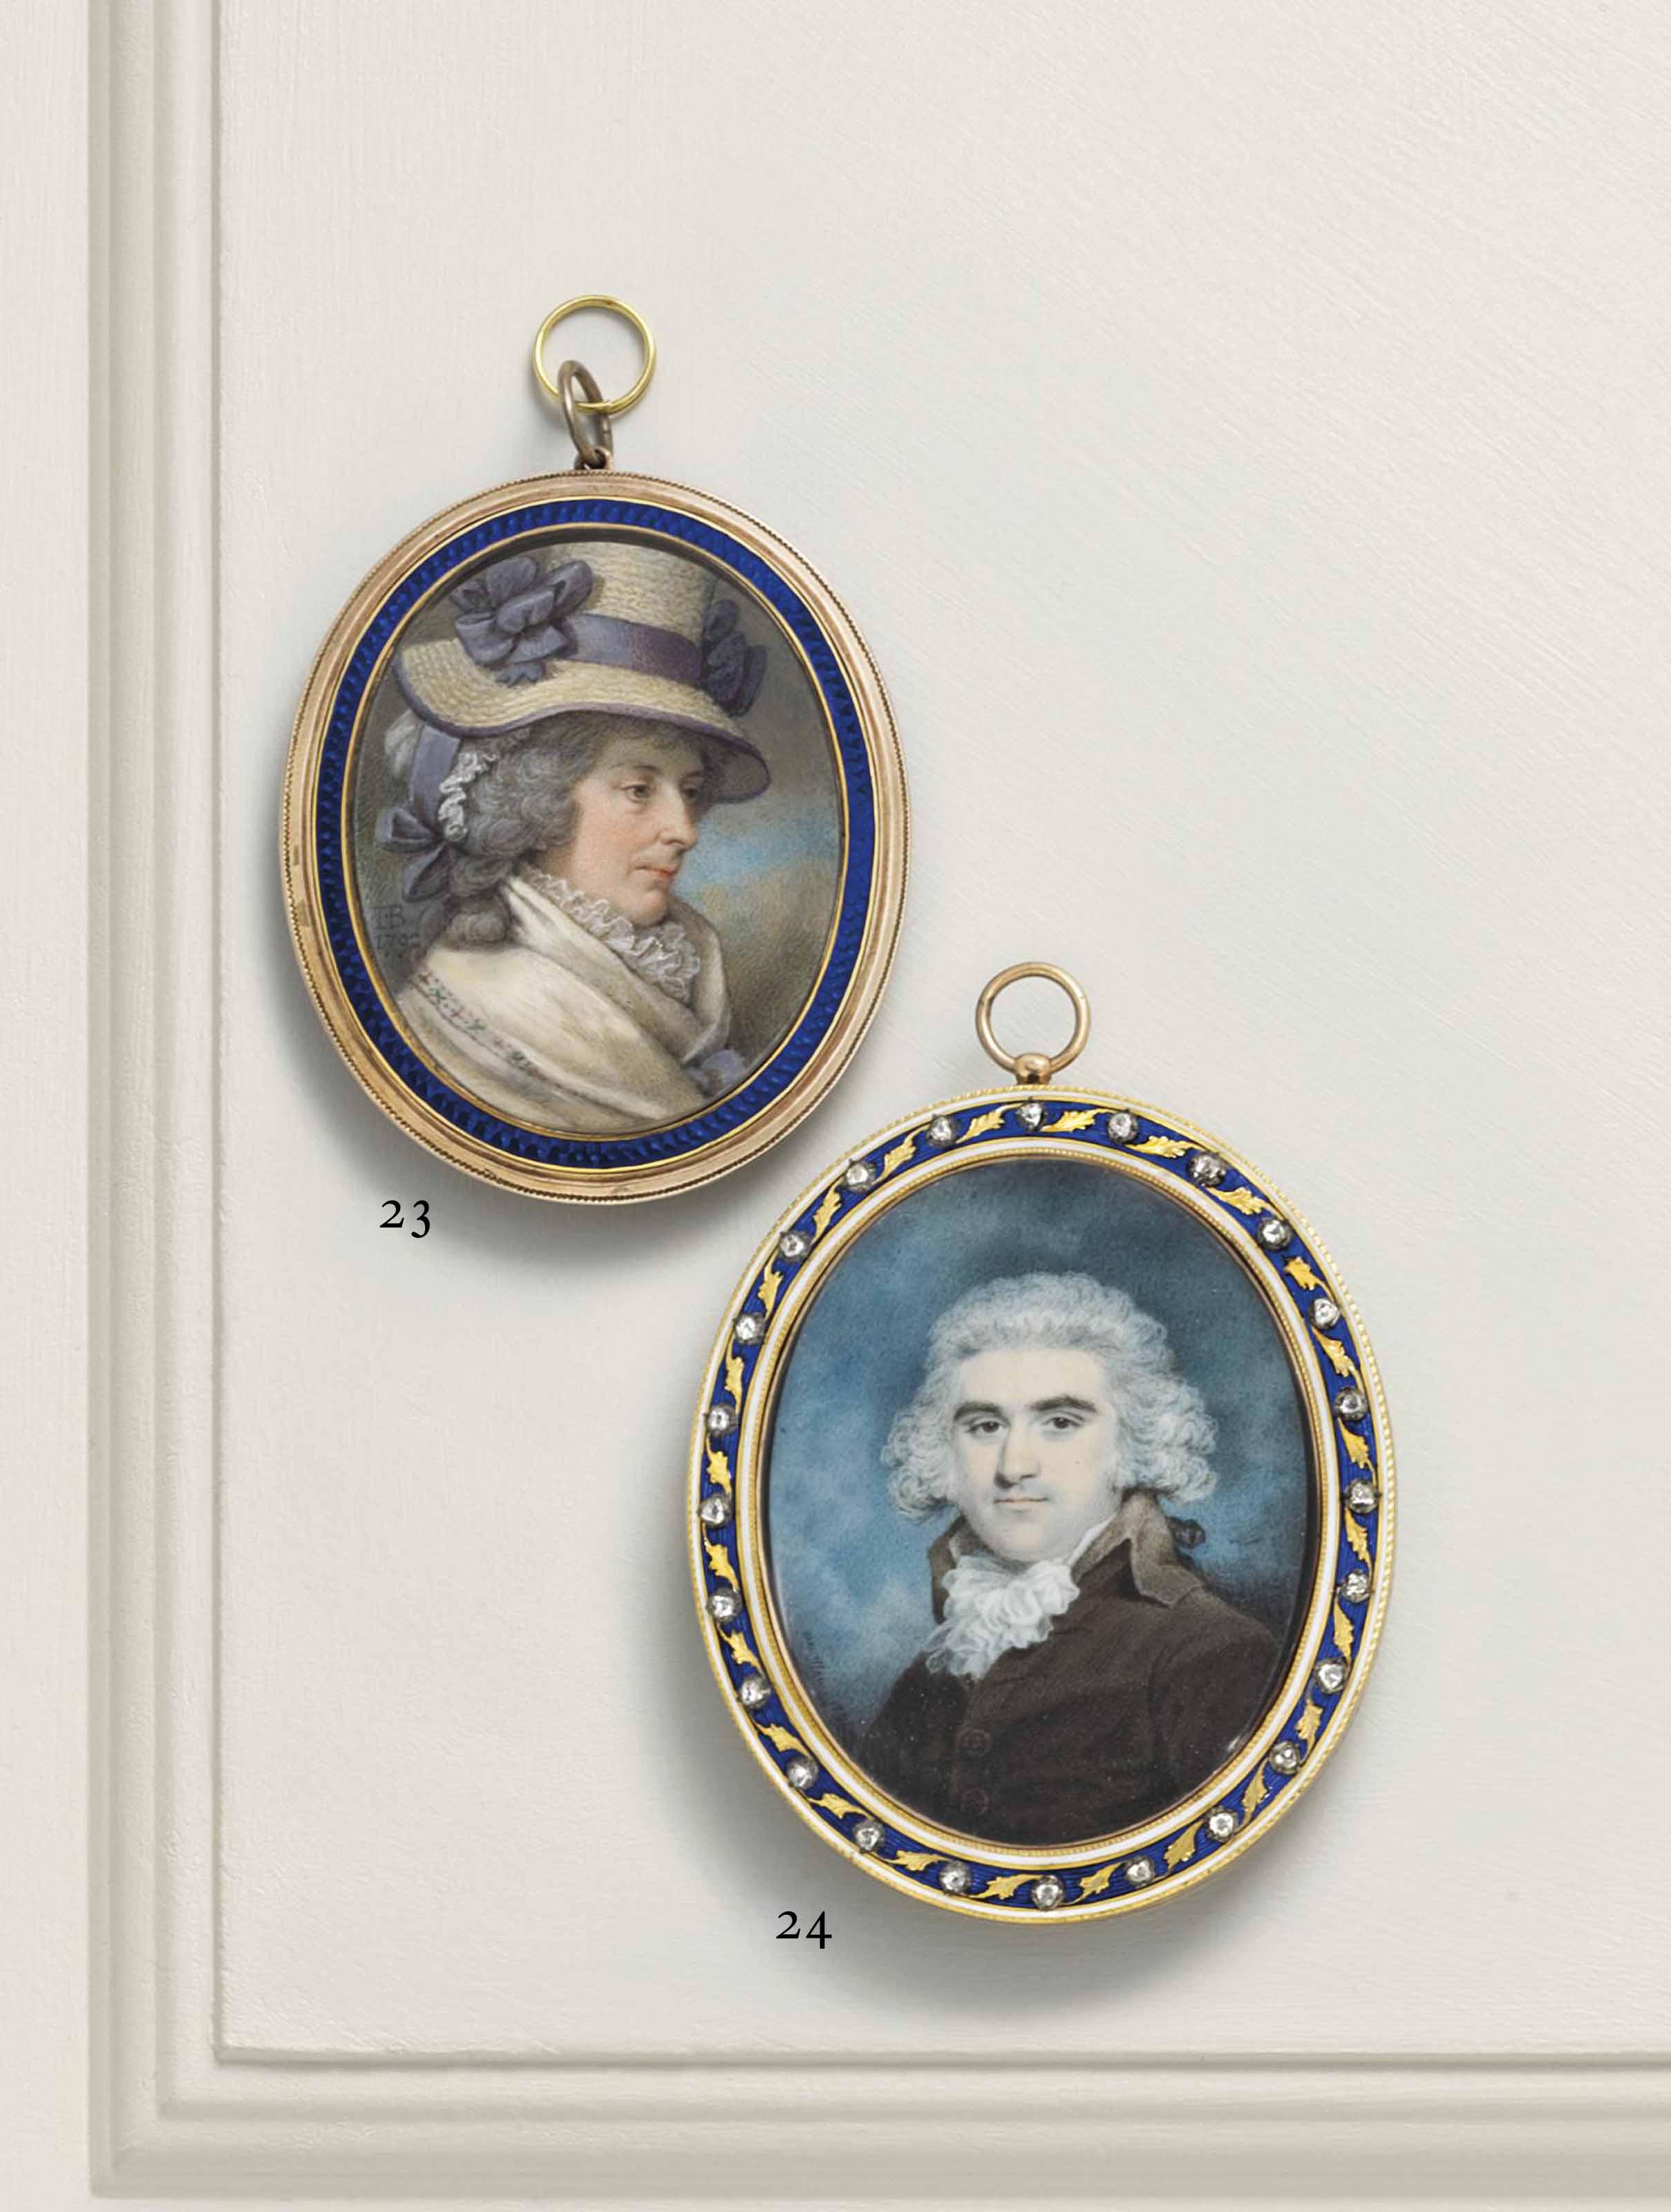 PETER PAILLOU (BRITISH, FL. C. 1757 - AFTER 1831)